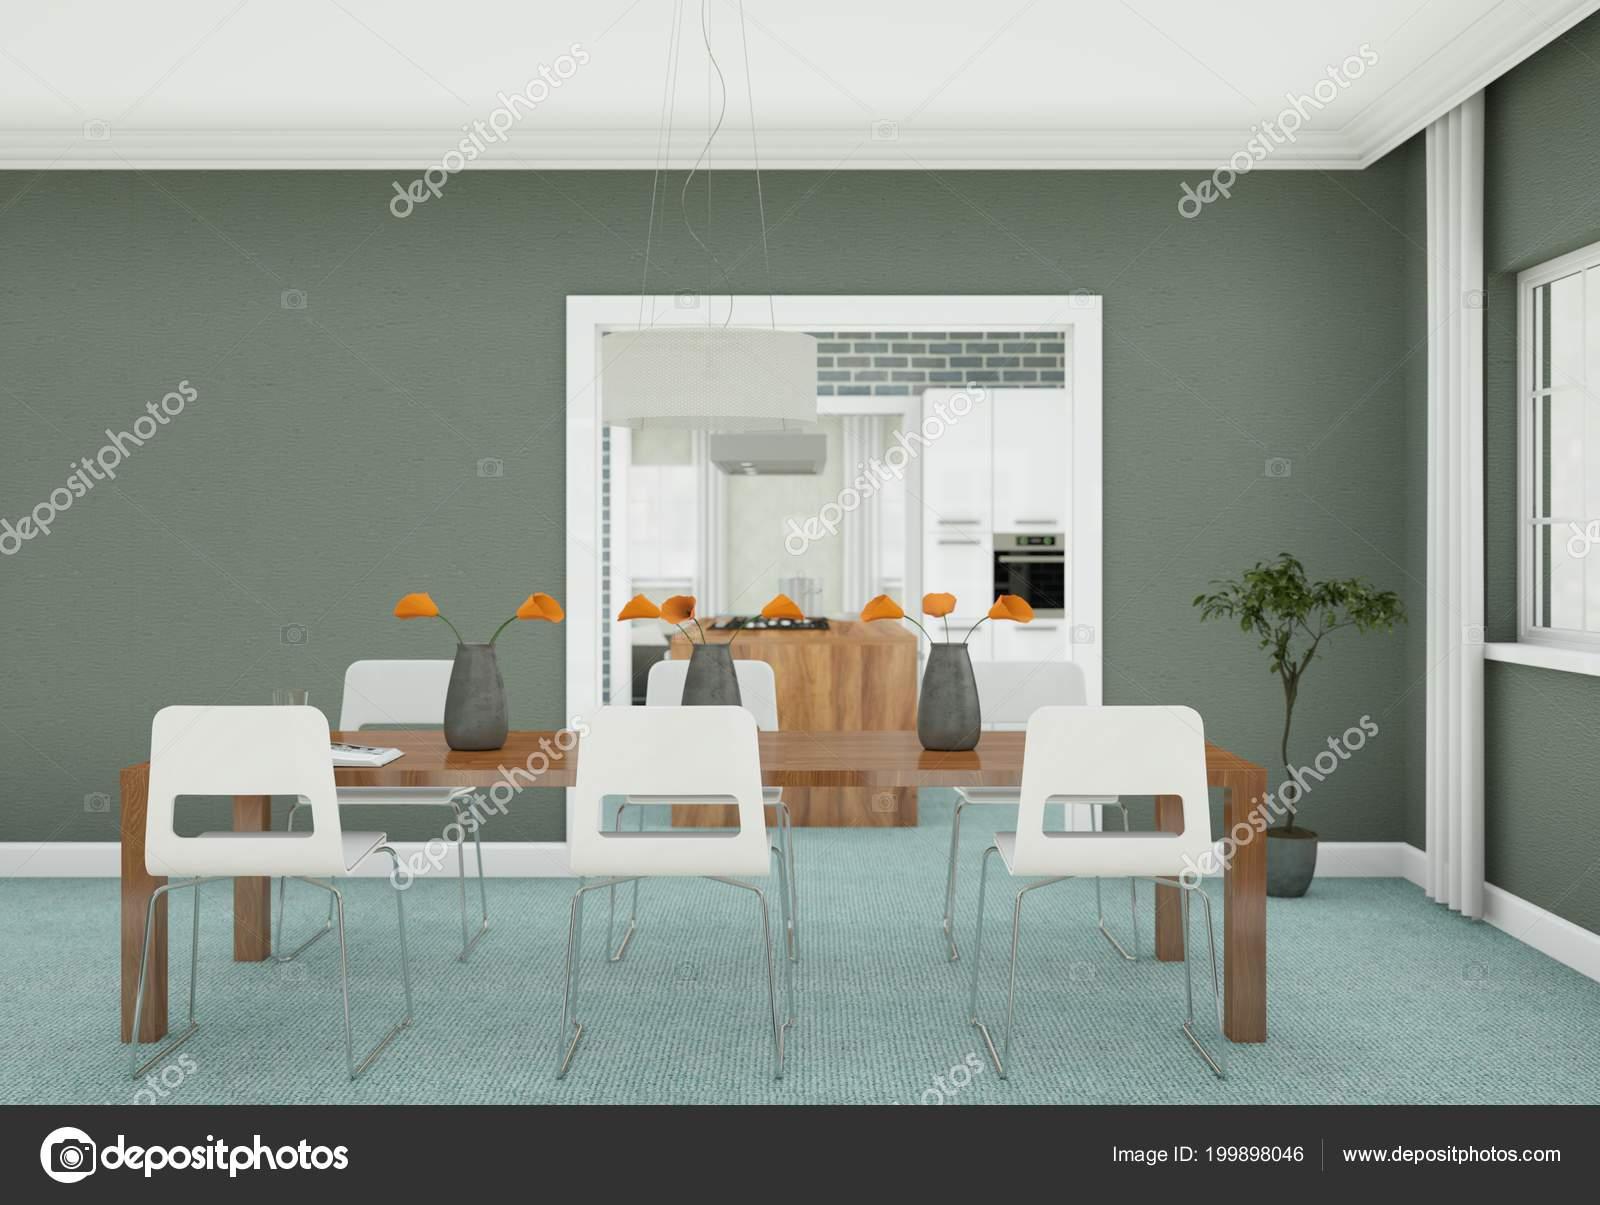 Sala comedor interiores dise o de interiores sala for Diseno de interiores de apartamentos modernos